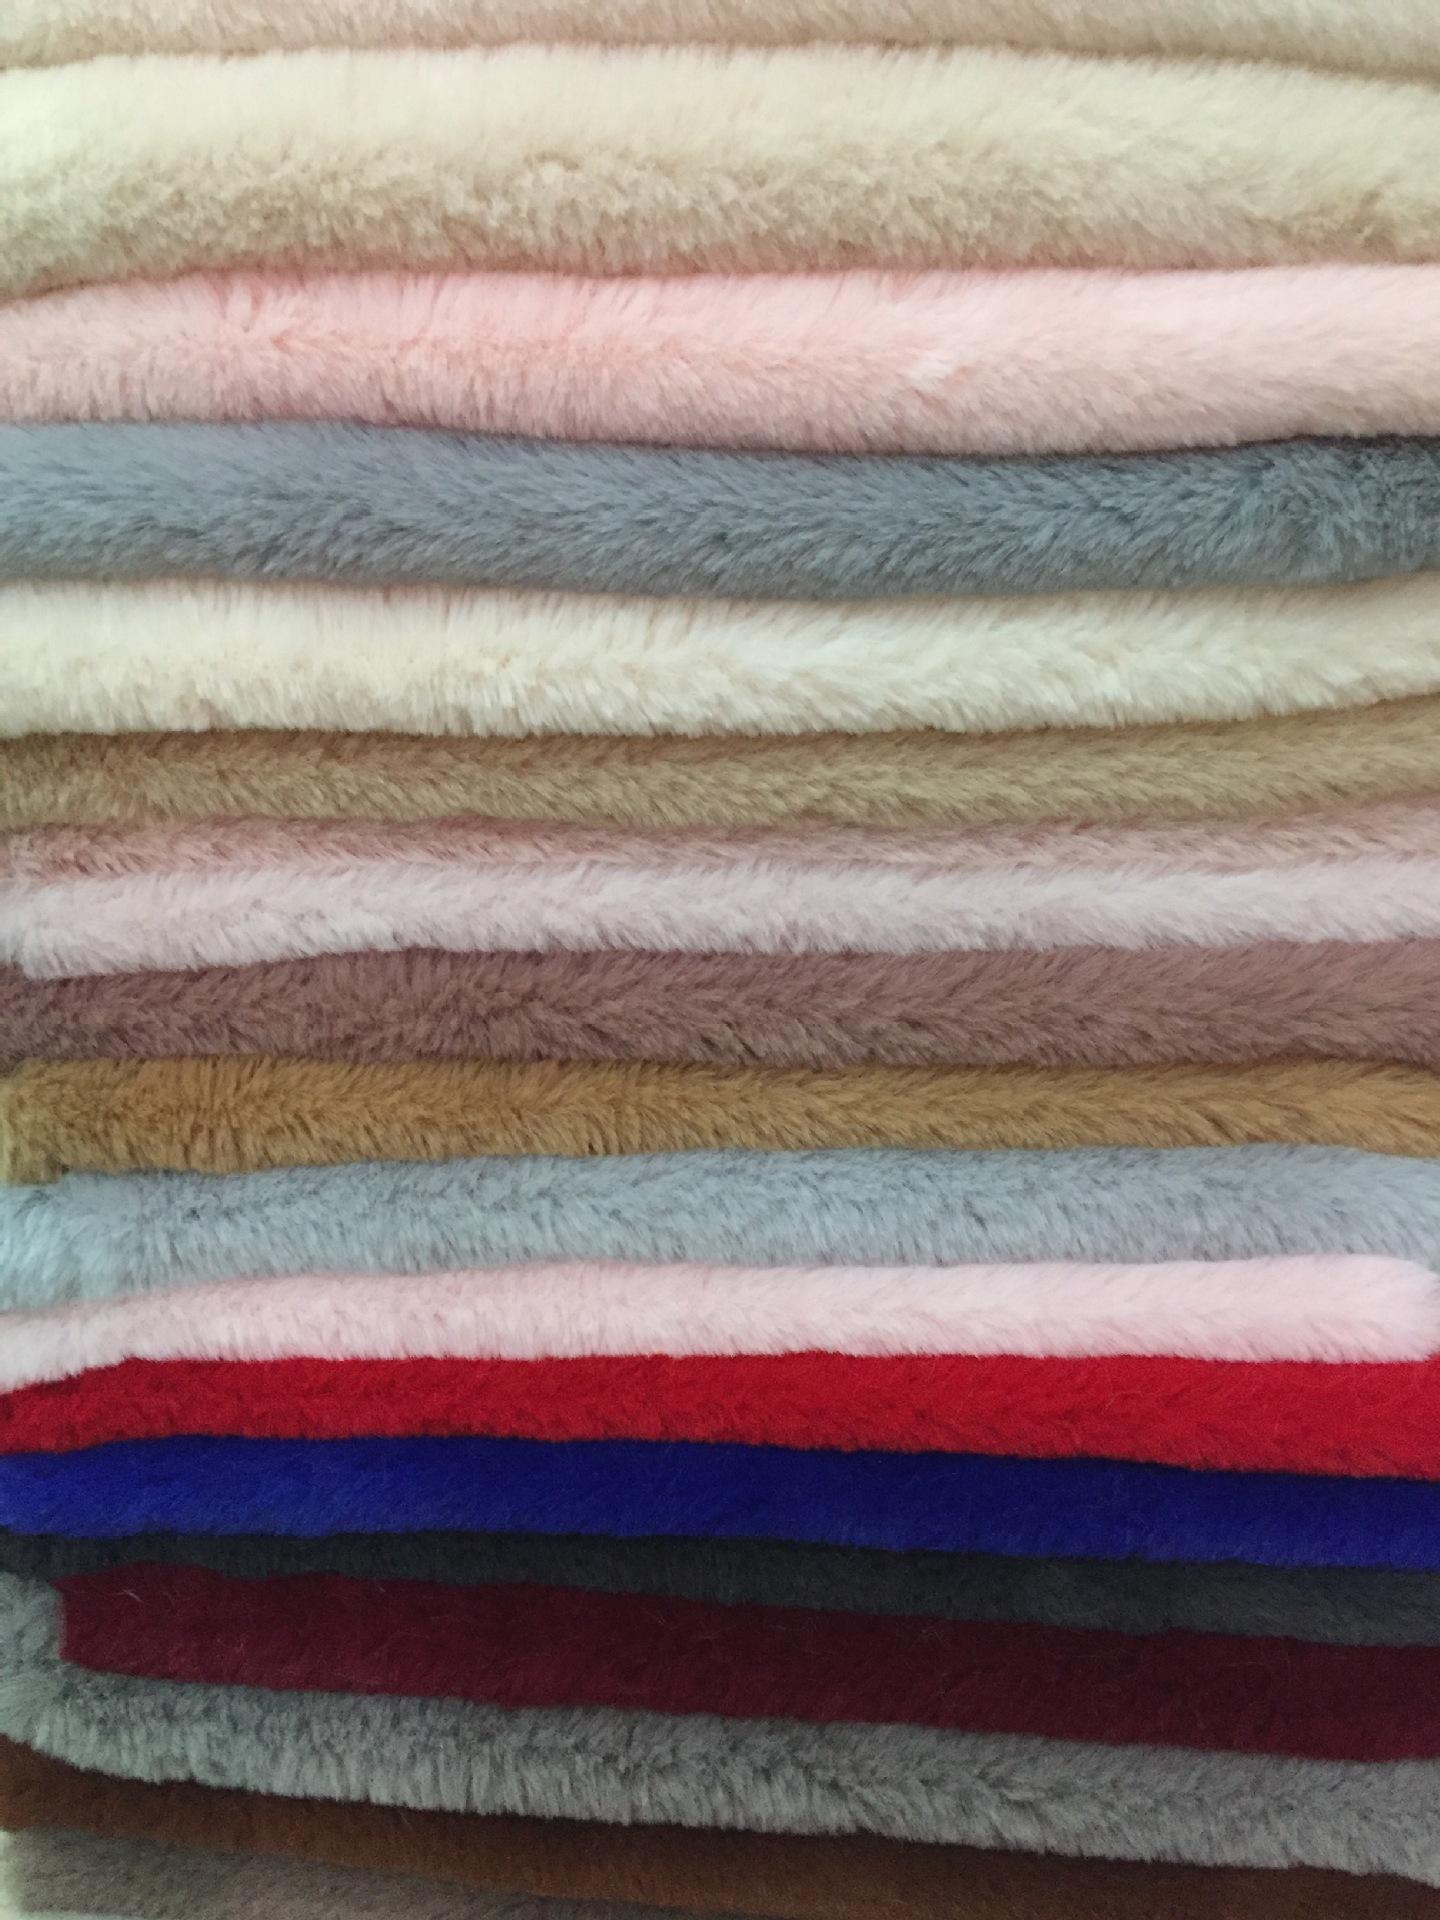 OLOEY NLSX vải Spot siêu matt thỏ lông lớn vải 15MM giả lông thỏ quần áo đồ chơi nhà flannel dày lôn